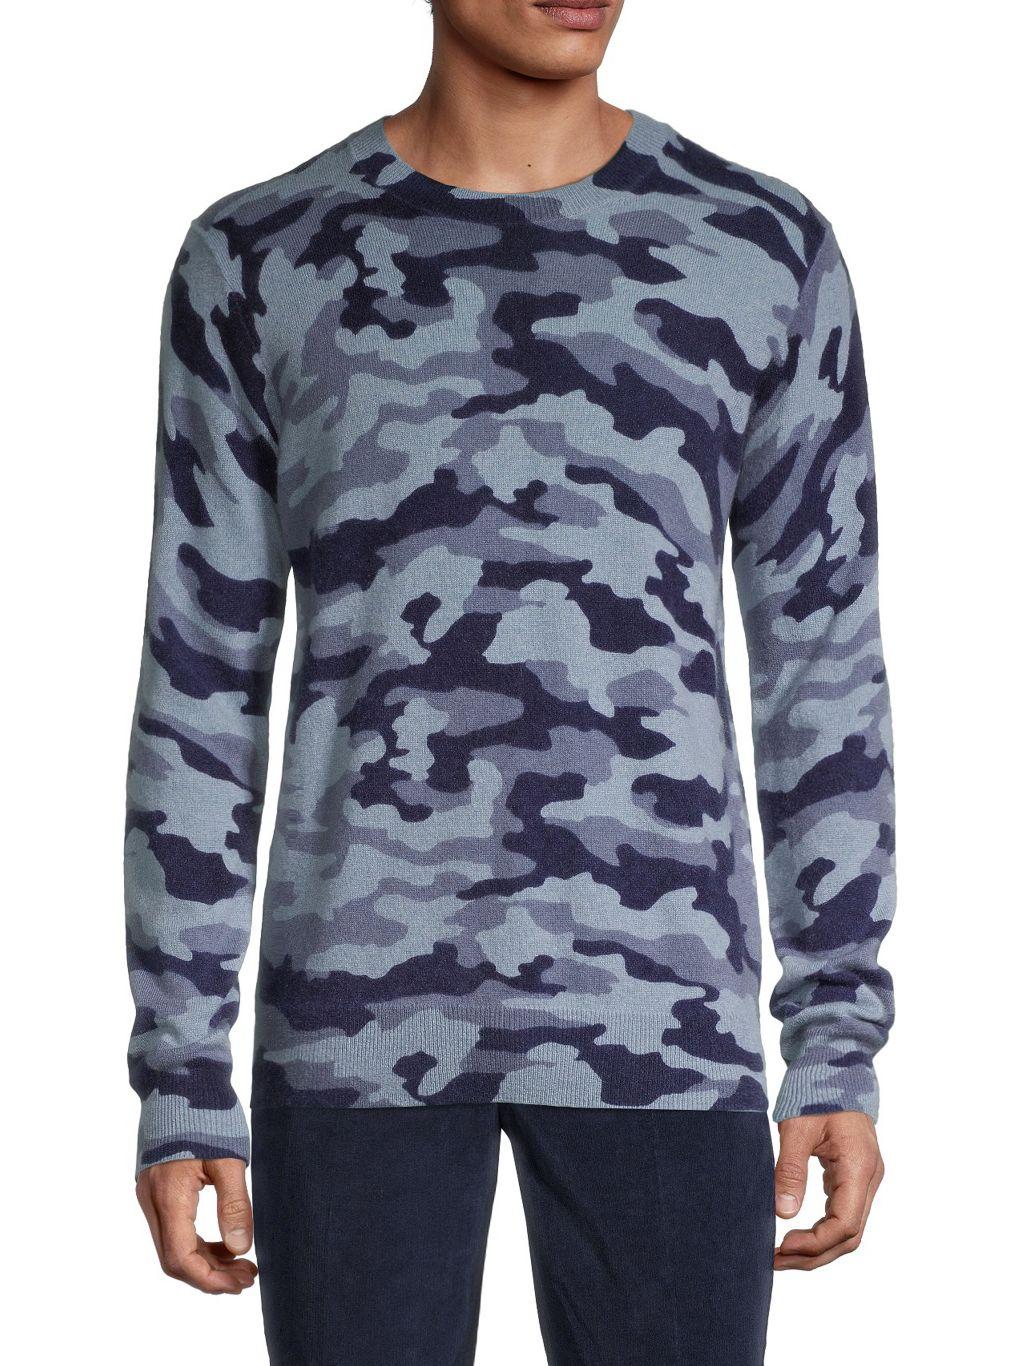 Saks Fifth Avenue Camo Cashmere Sweater